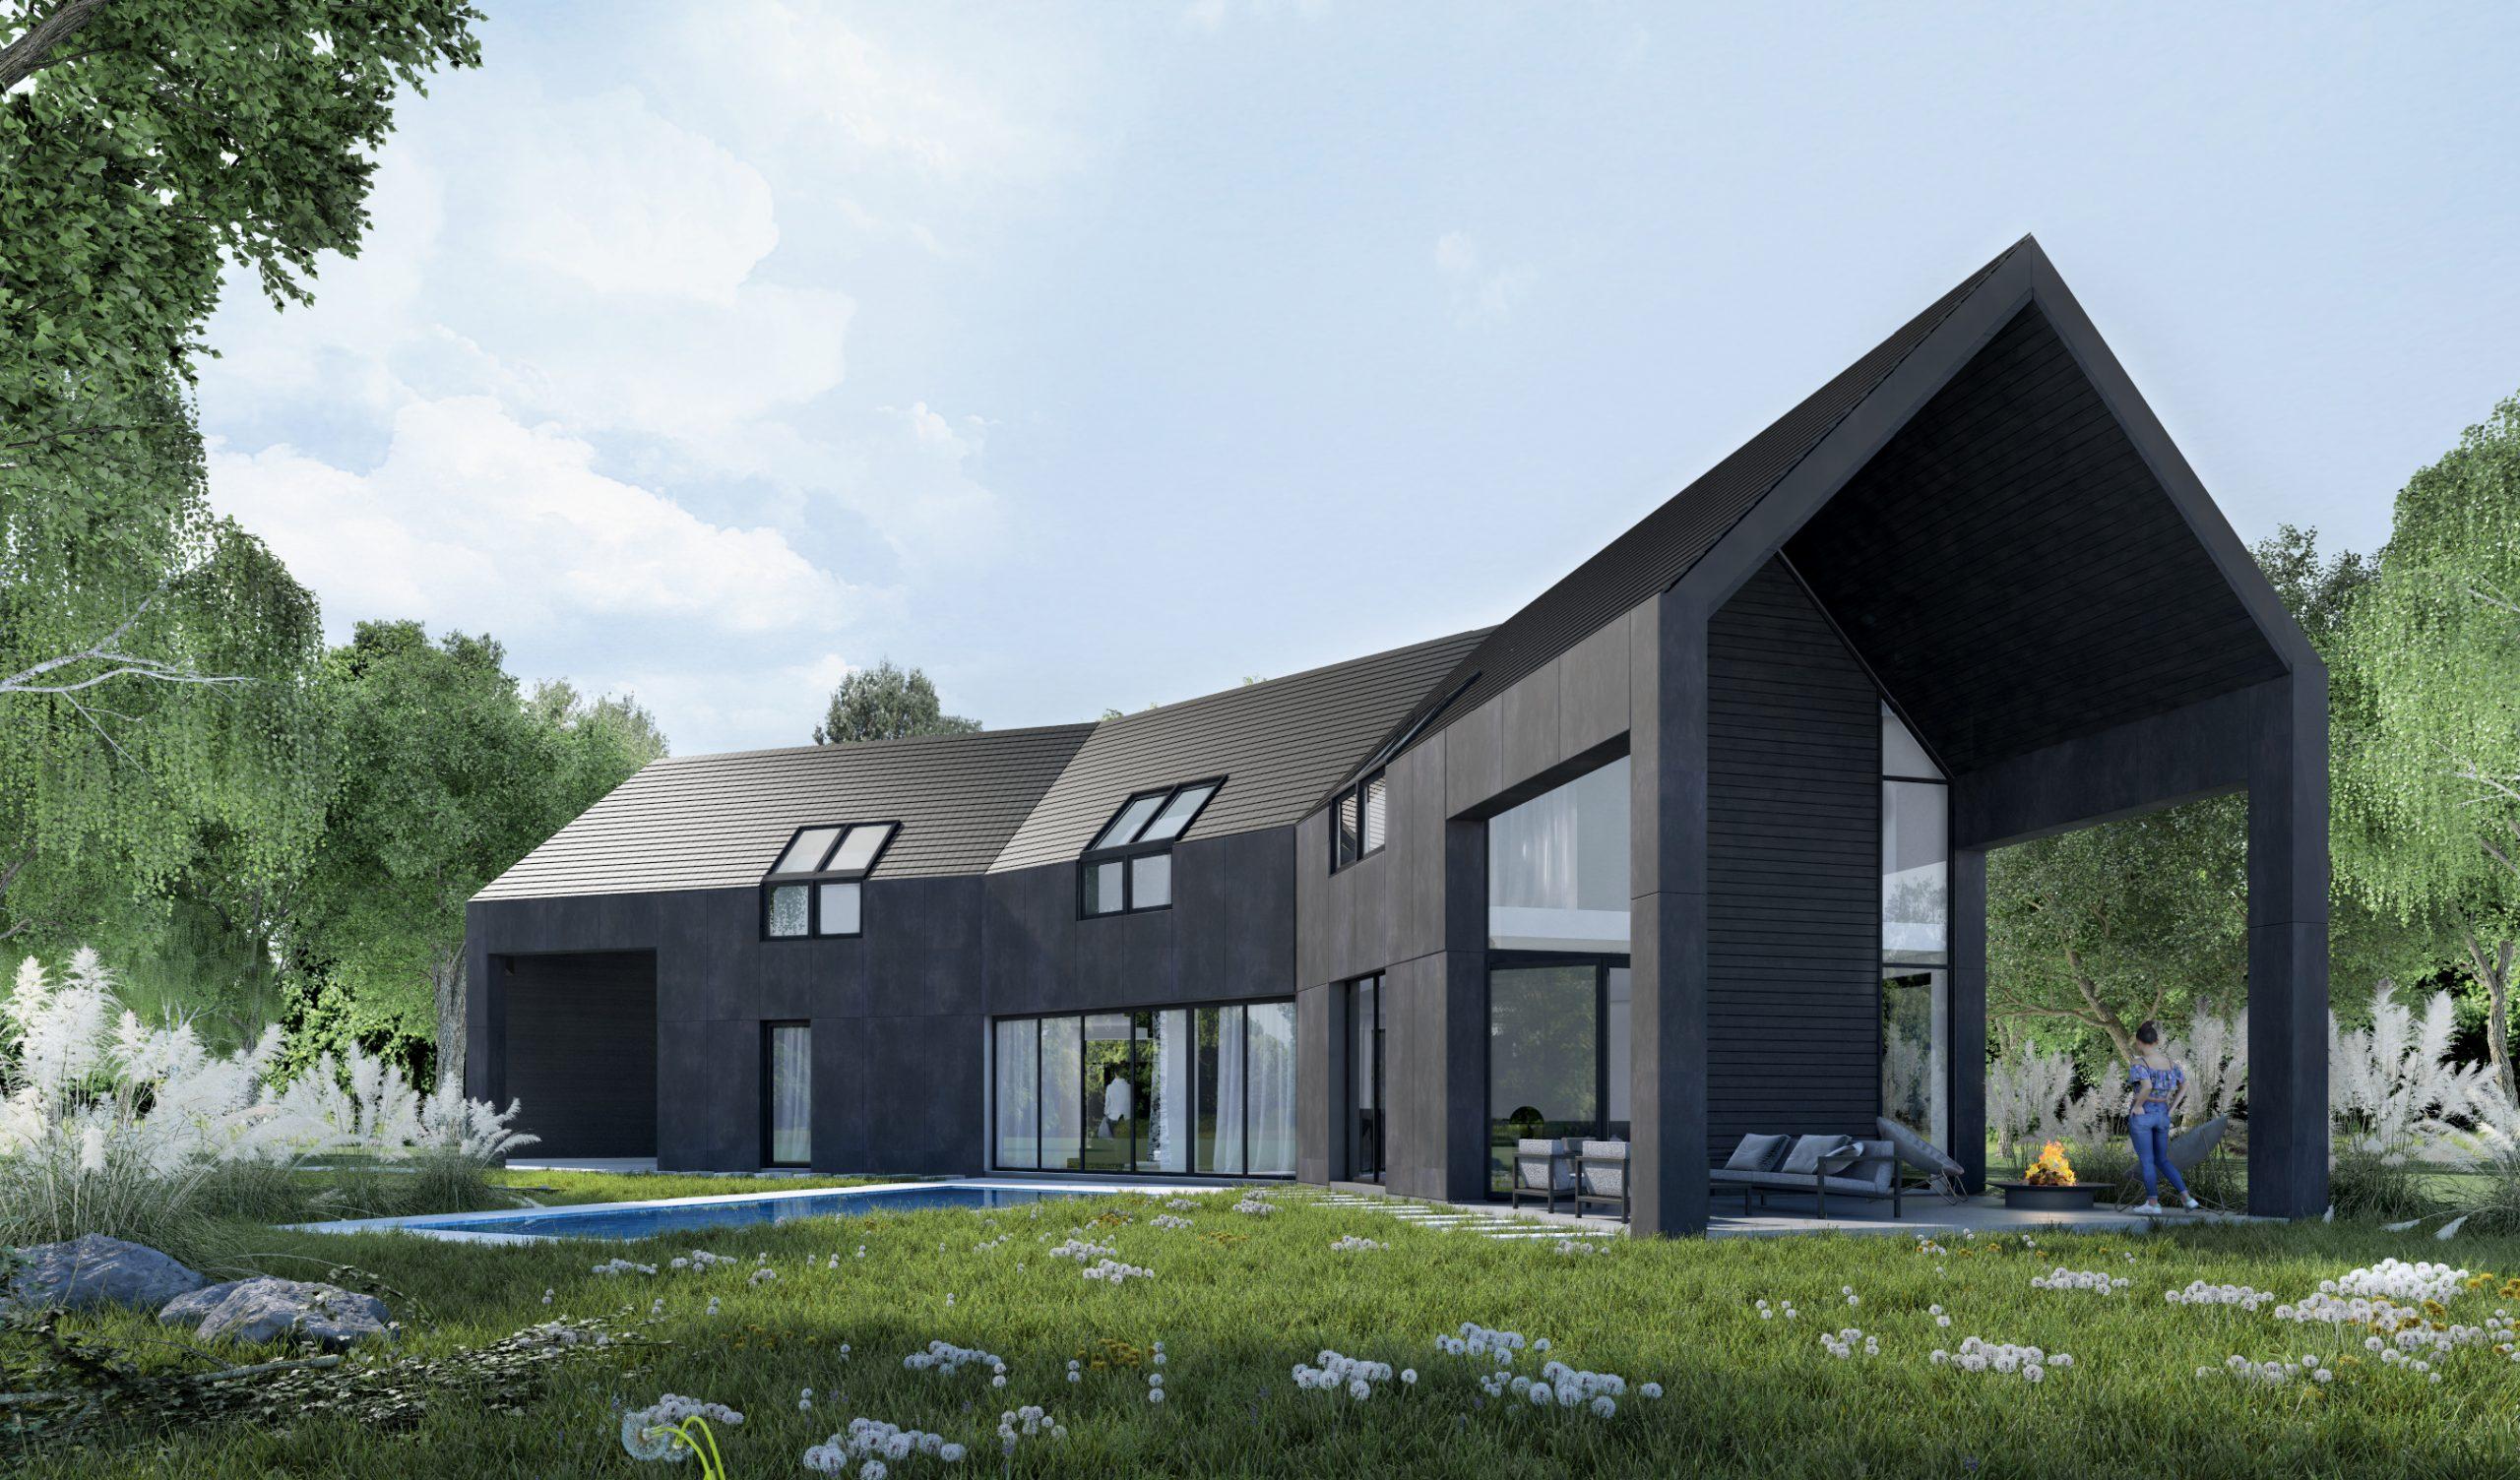 nowoczesna-stodola-czarny-dom-01-scaled